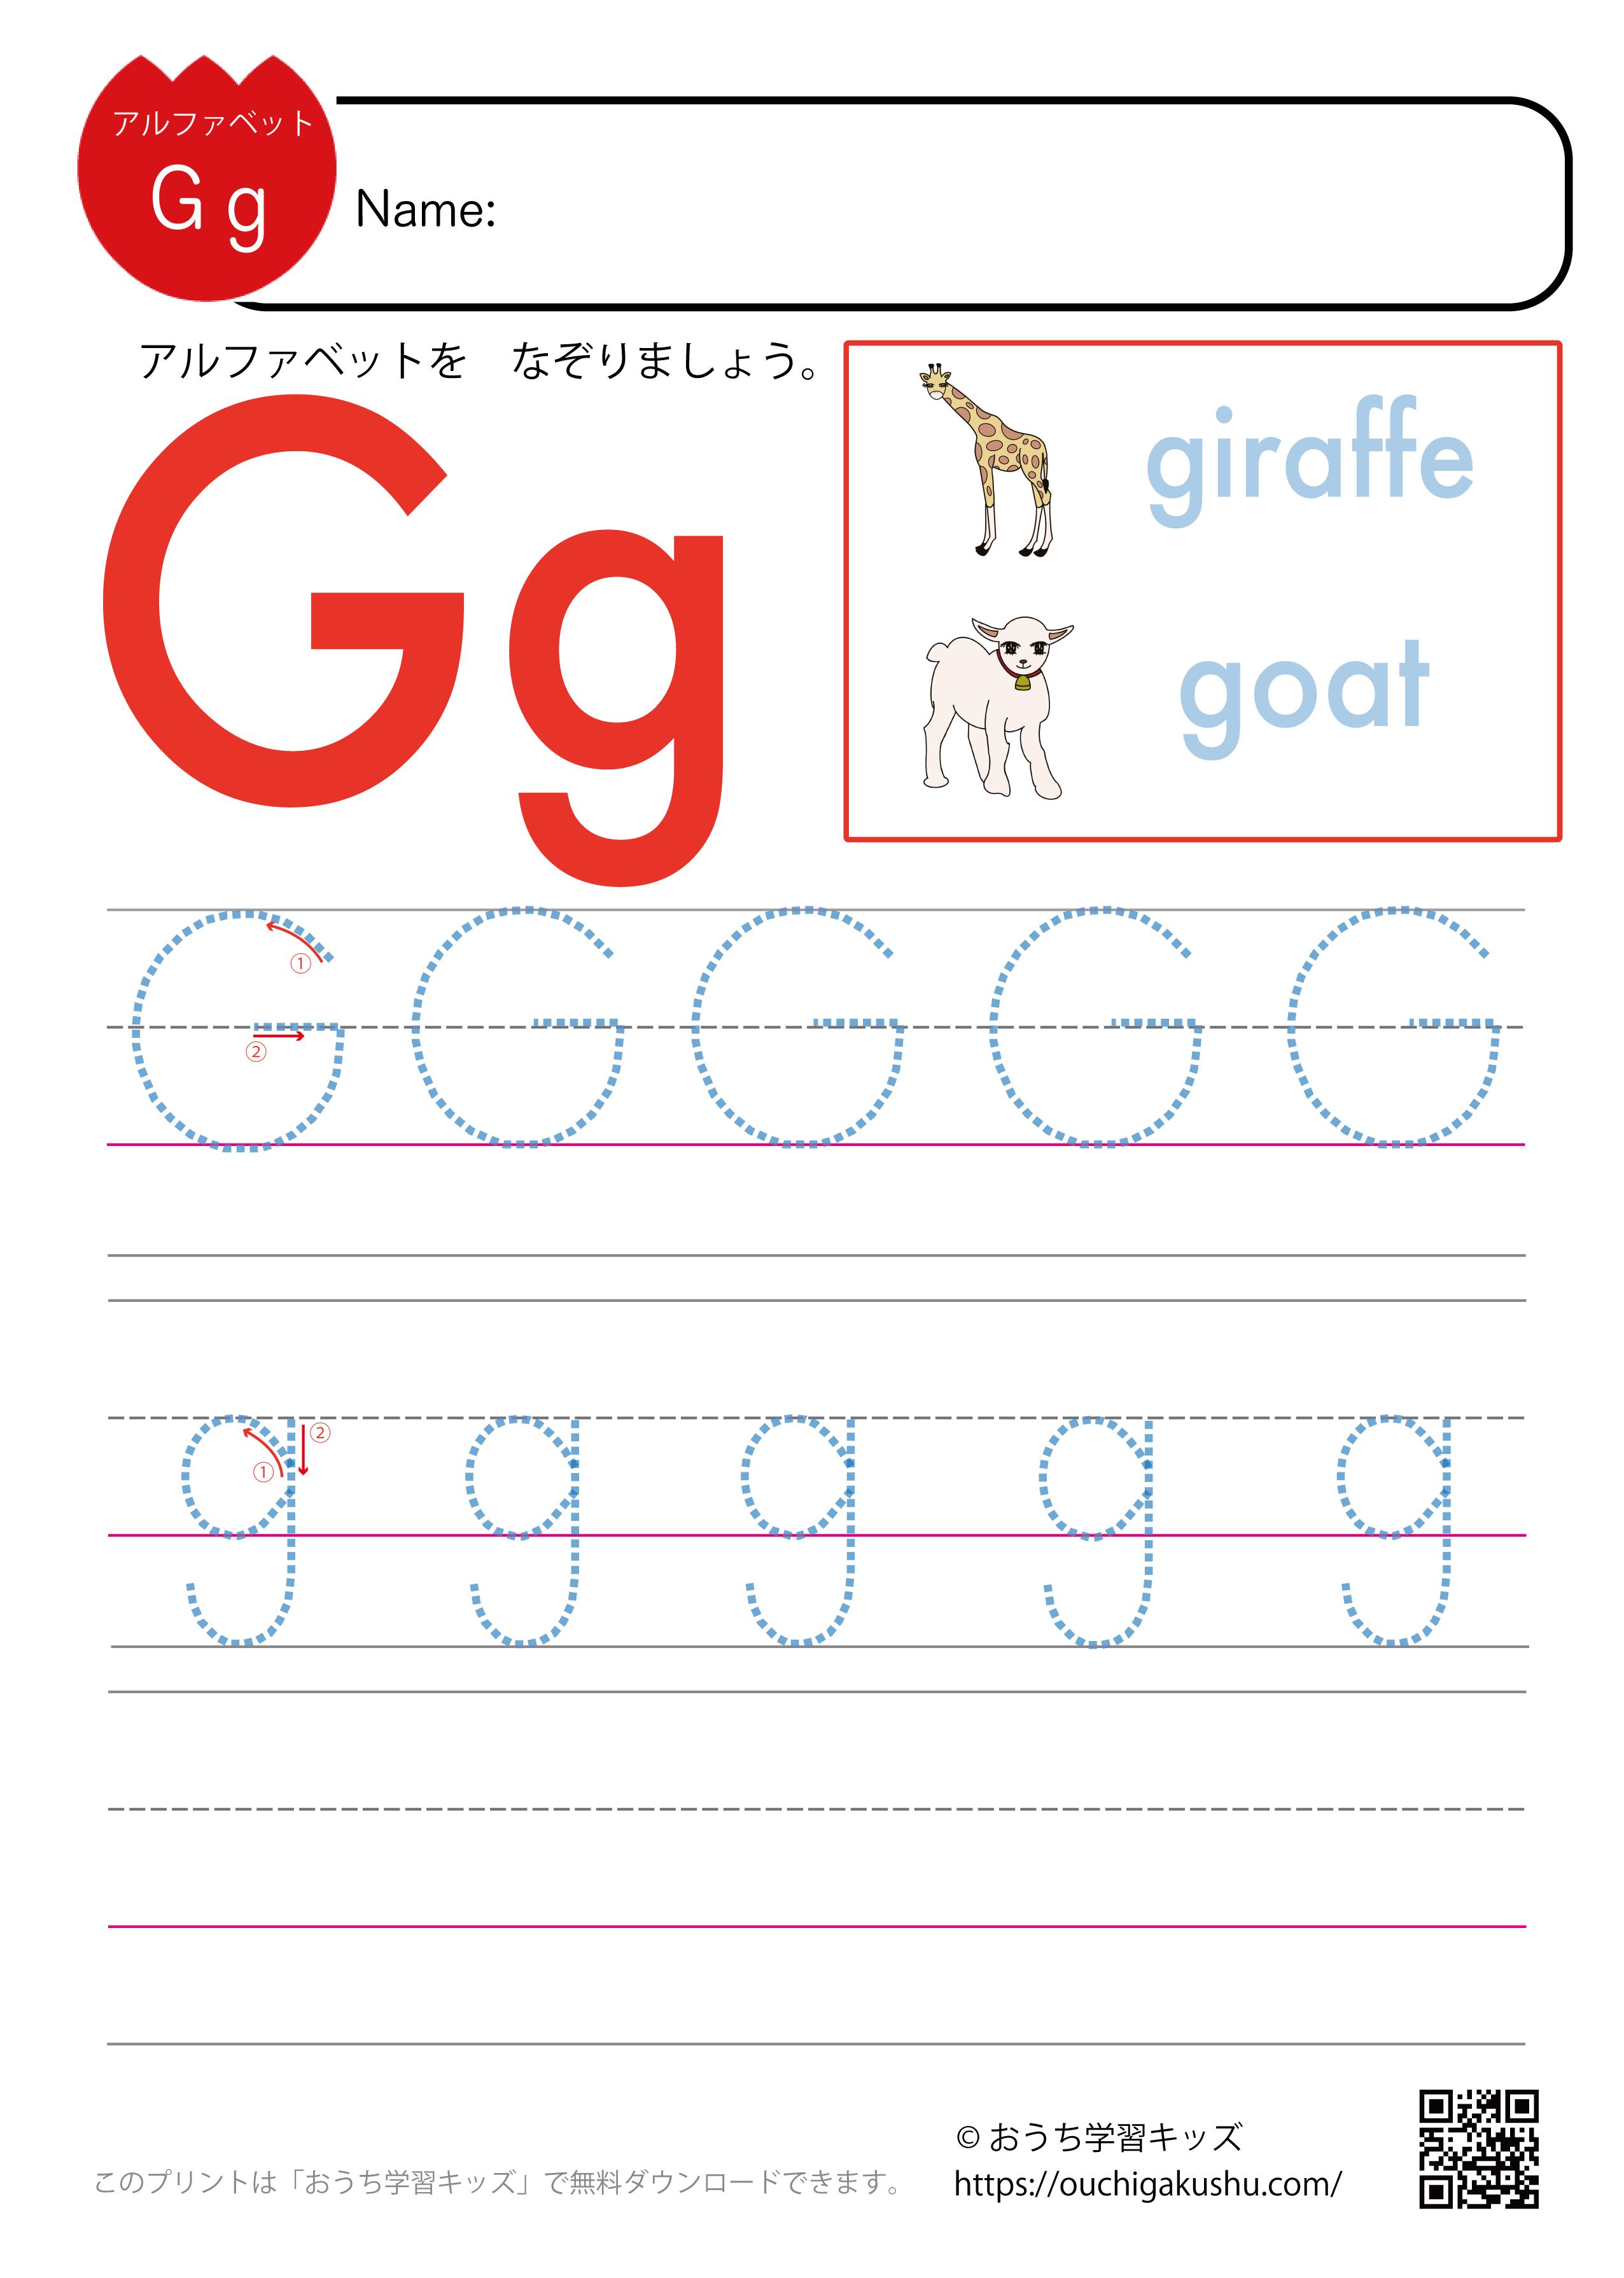 アルファベット練習プリント「G」